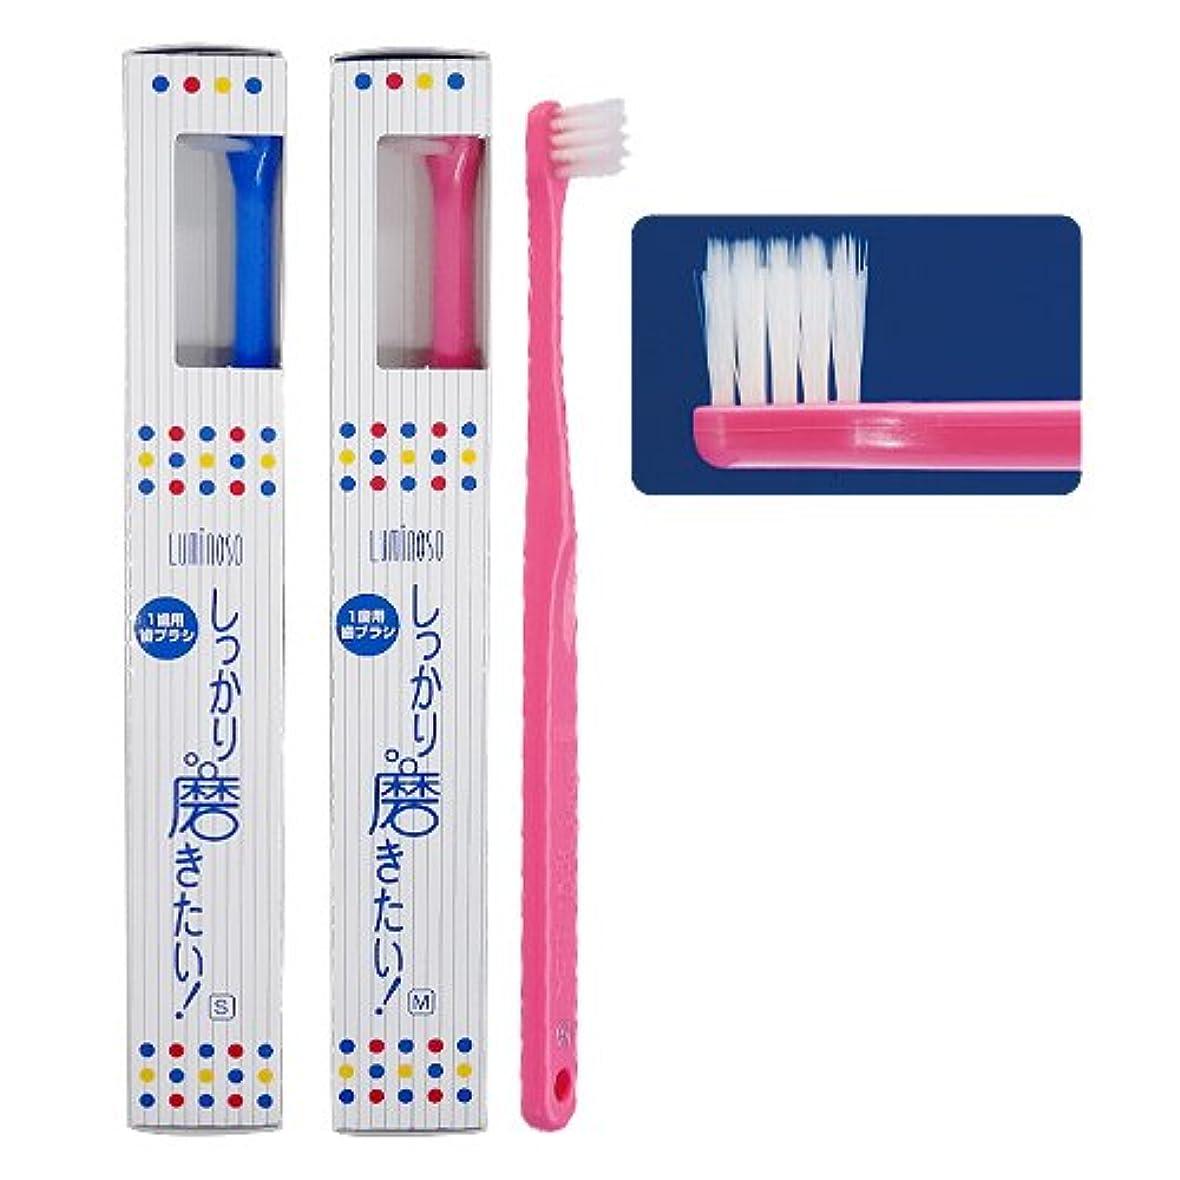 魂柱アーティファクトルミノソ 1歯用歯ブラシ「しっかり磨きたい!」スタンダード ソフト